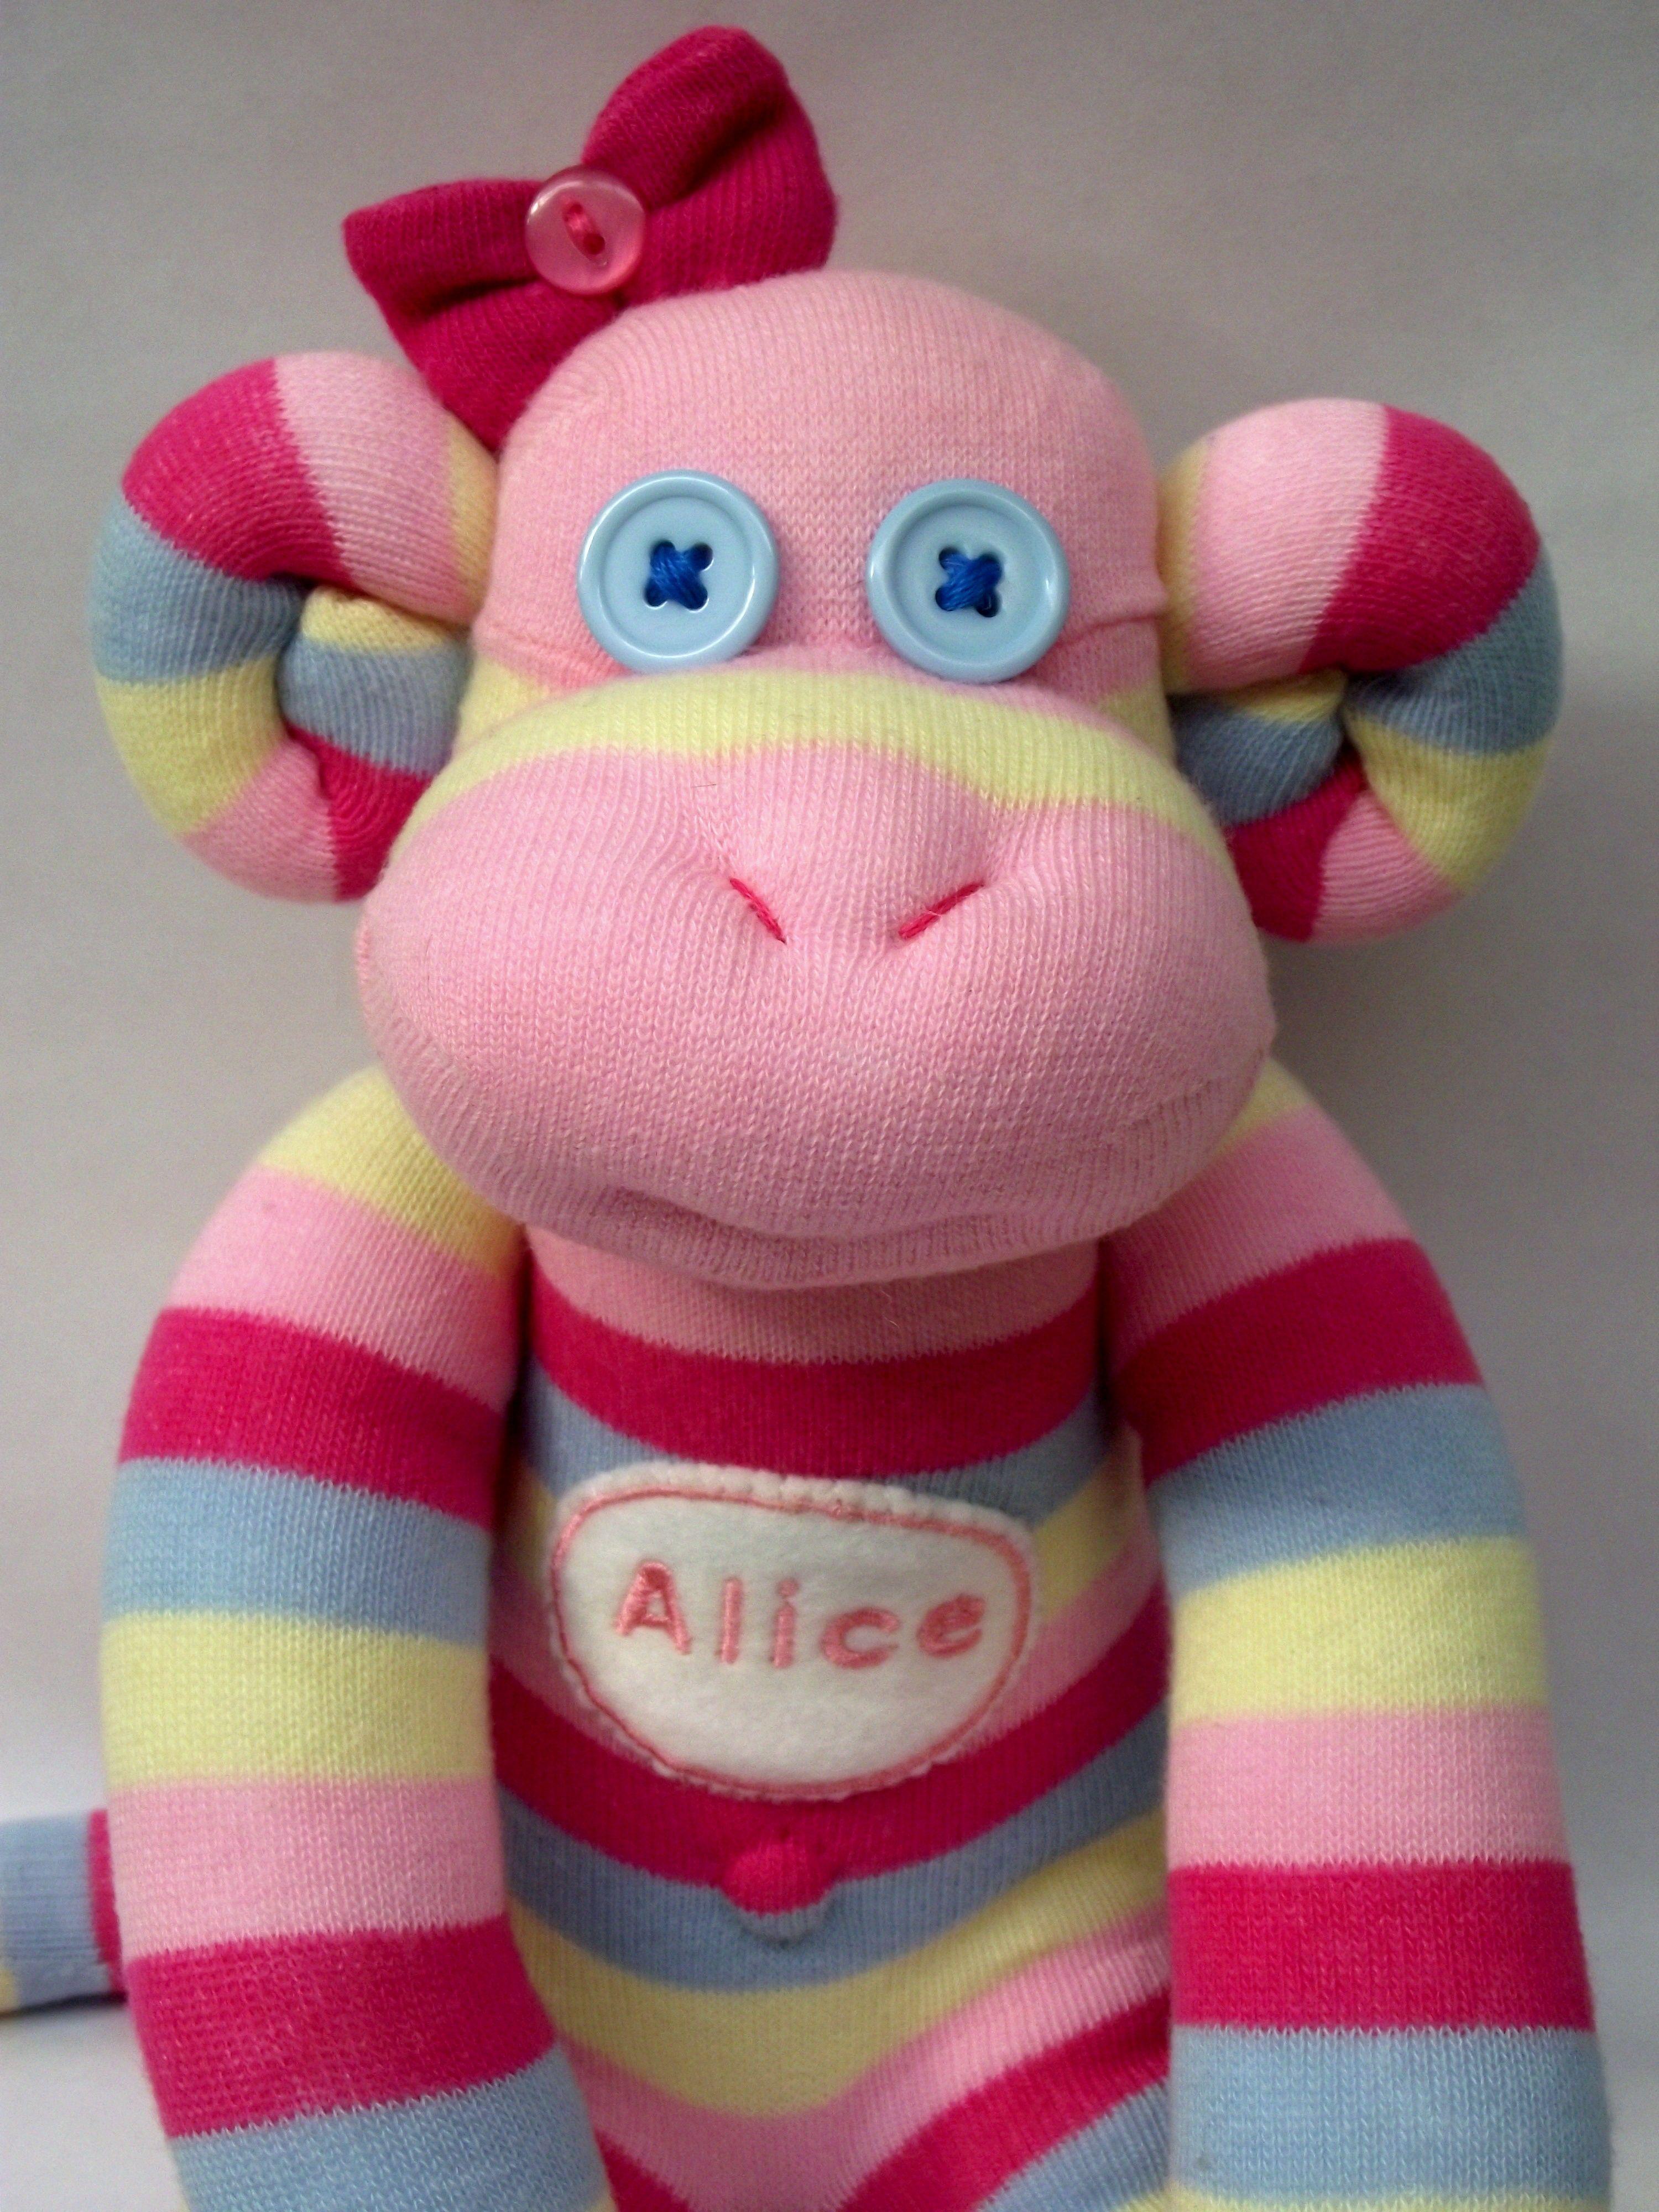 It's Alice, the sock monkey.